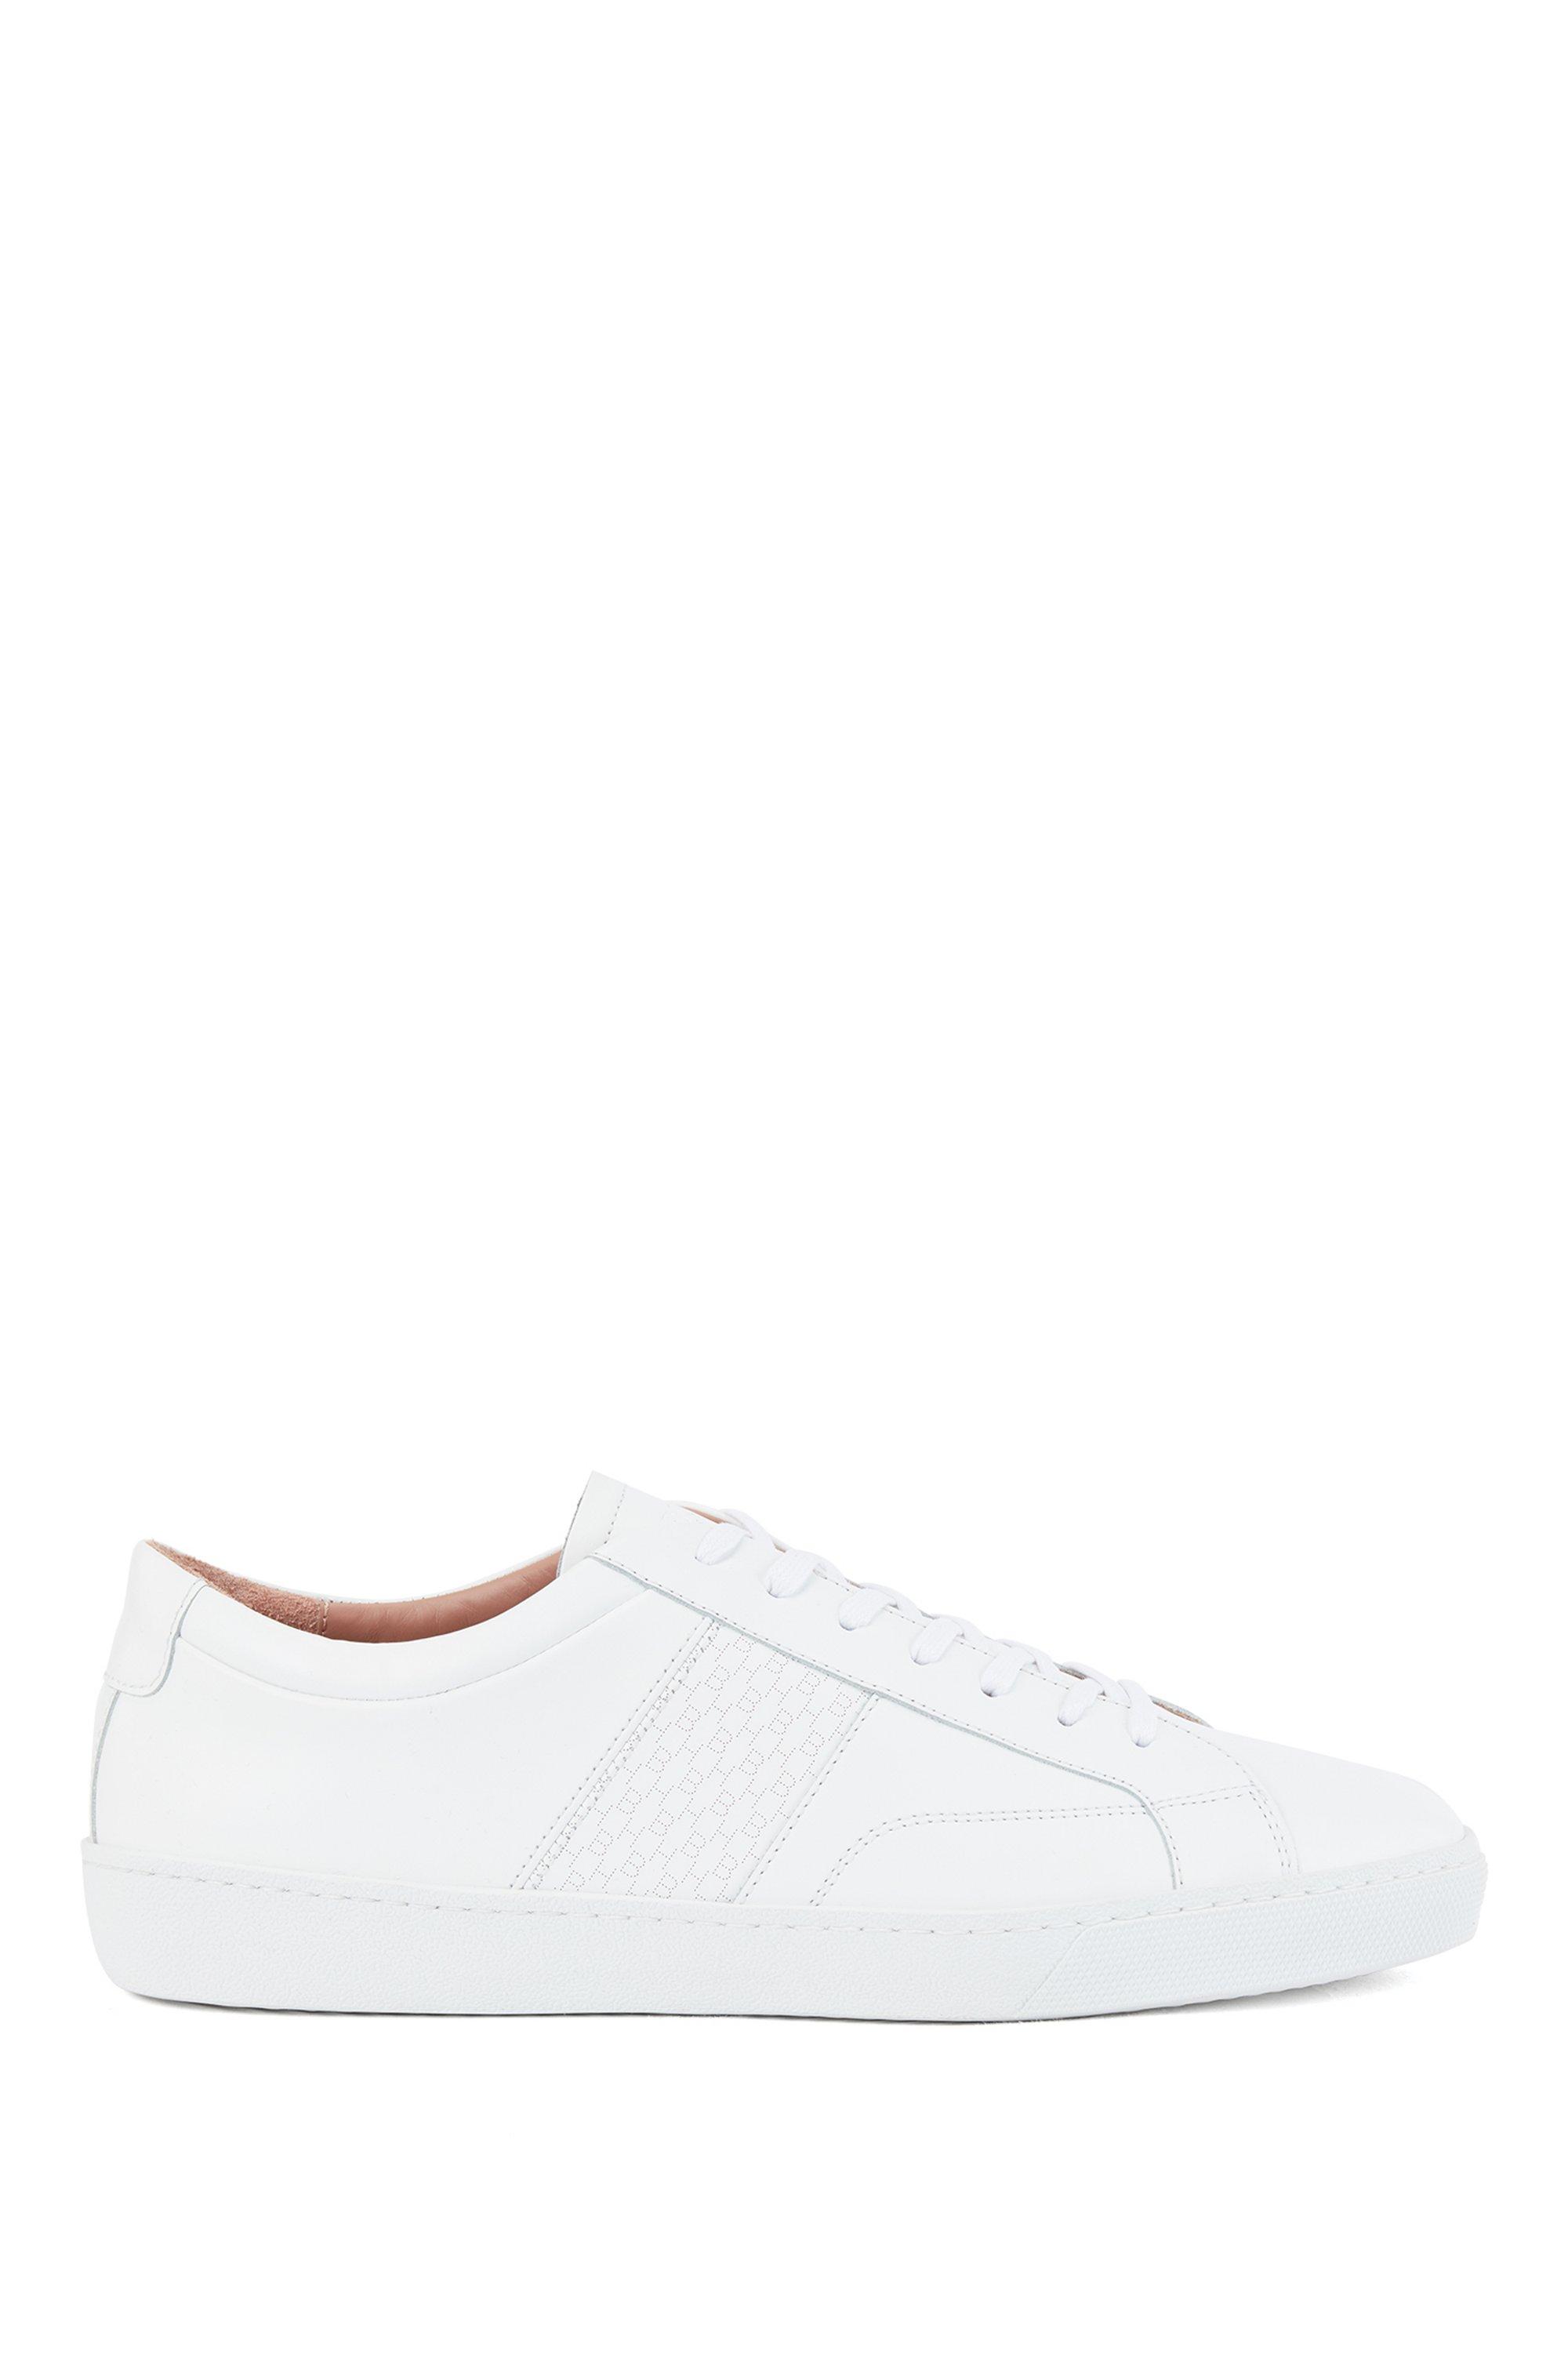 Sneakers aus italienischem Leder mit Monogramm-Detail, Weiß